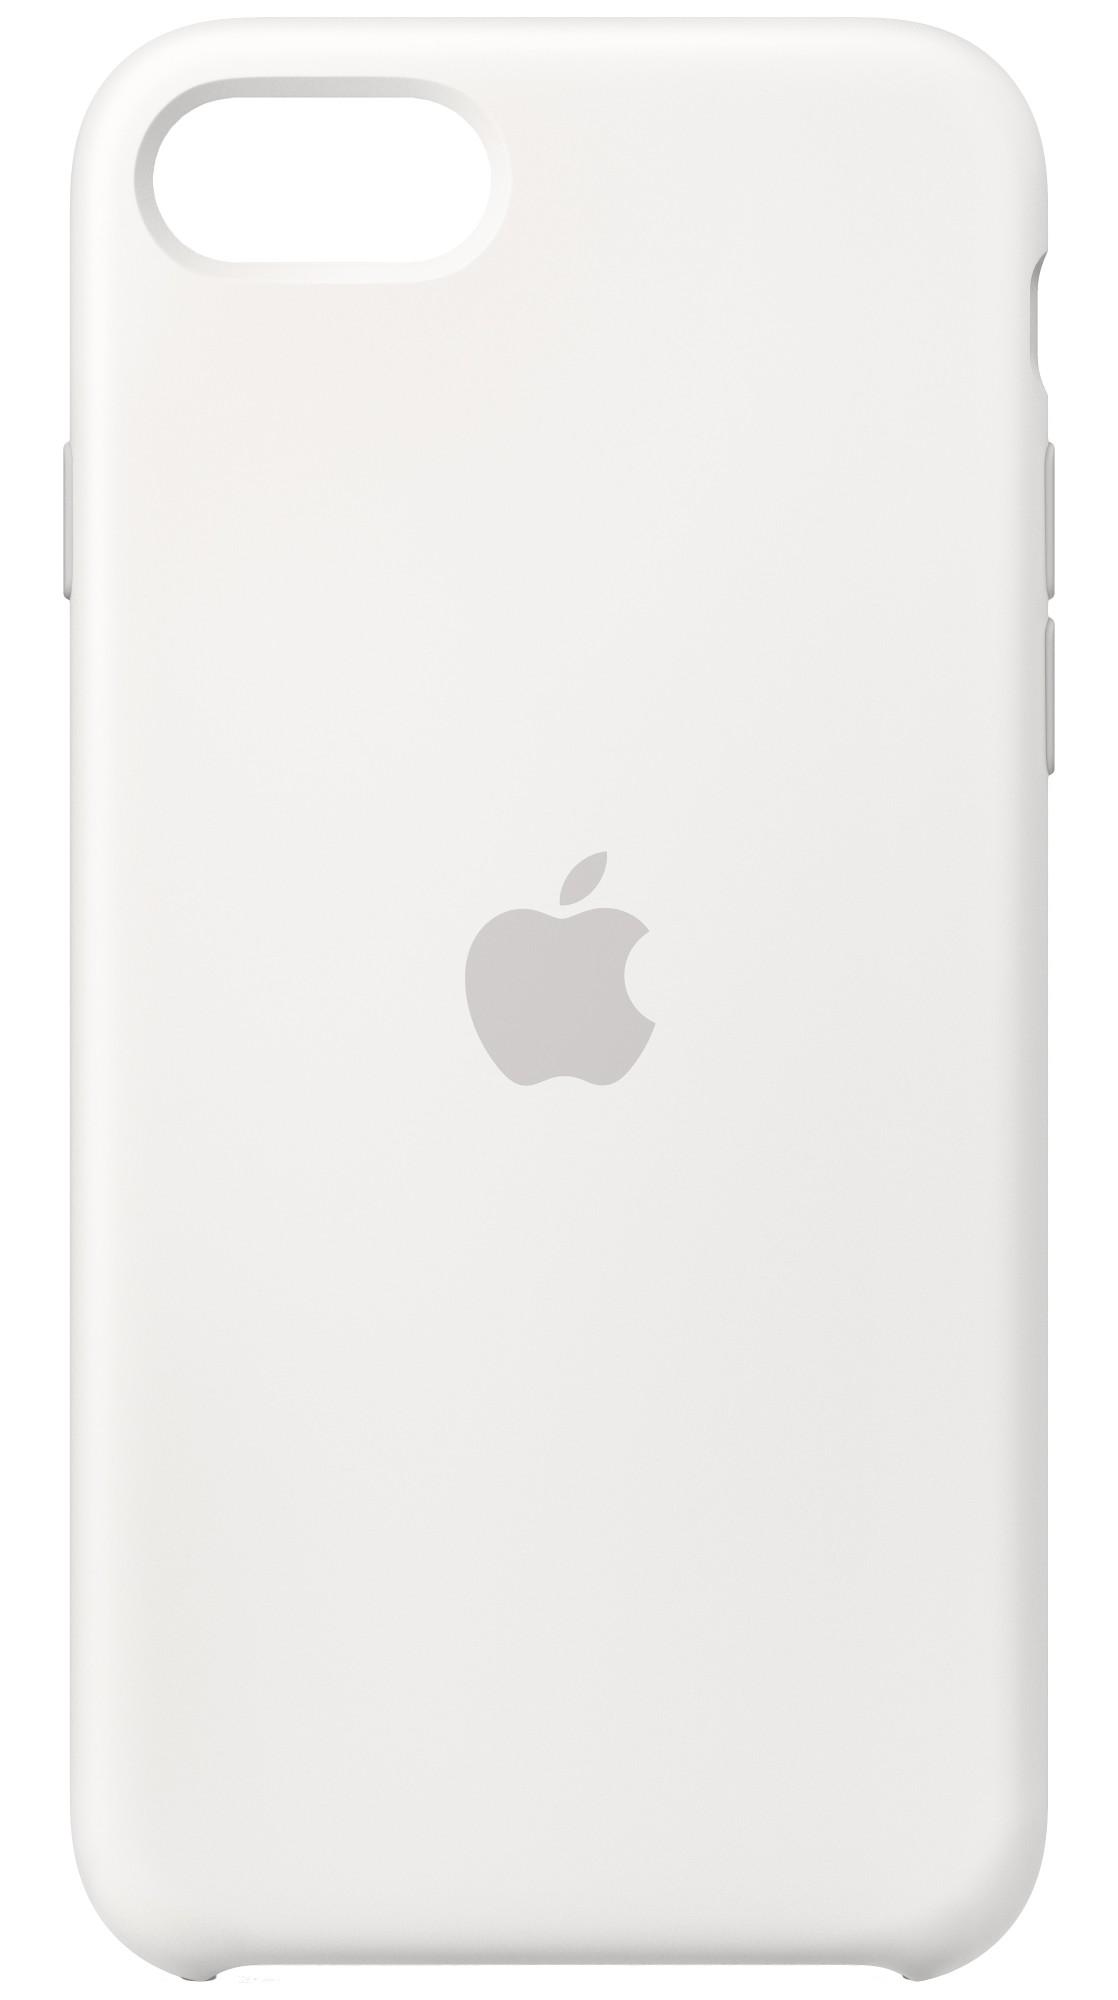 """Apple MXYJ2ZM/A funda para teléfono móvil 11,9 cm (4.7"""") Blanco"""